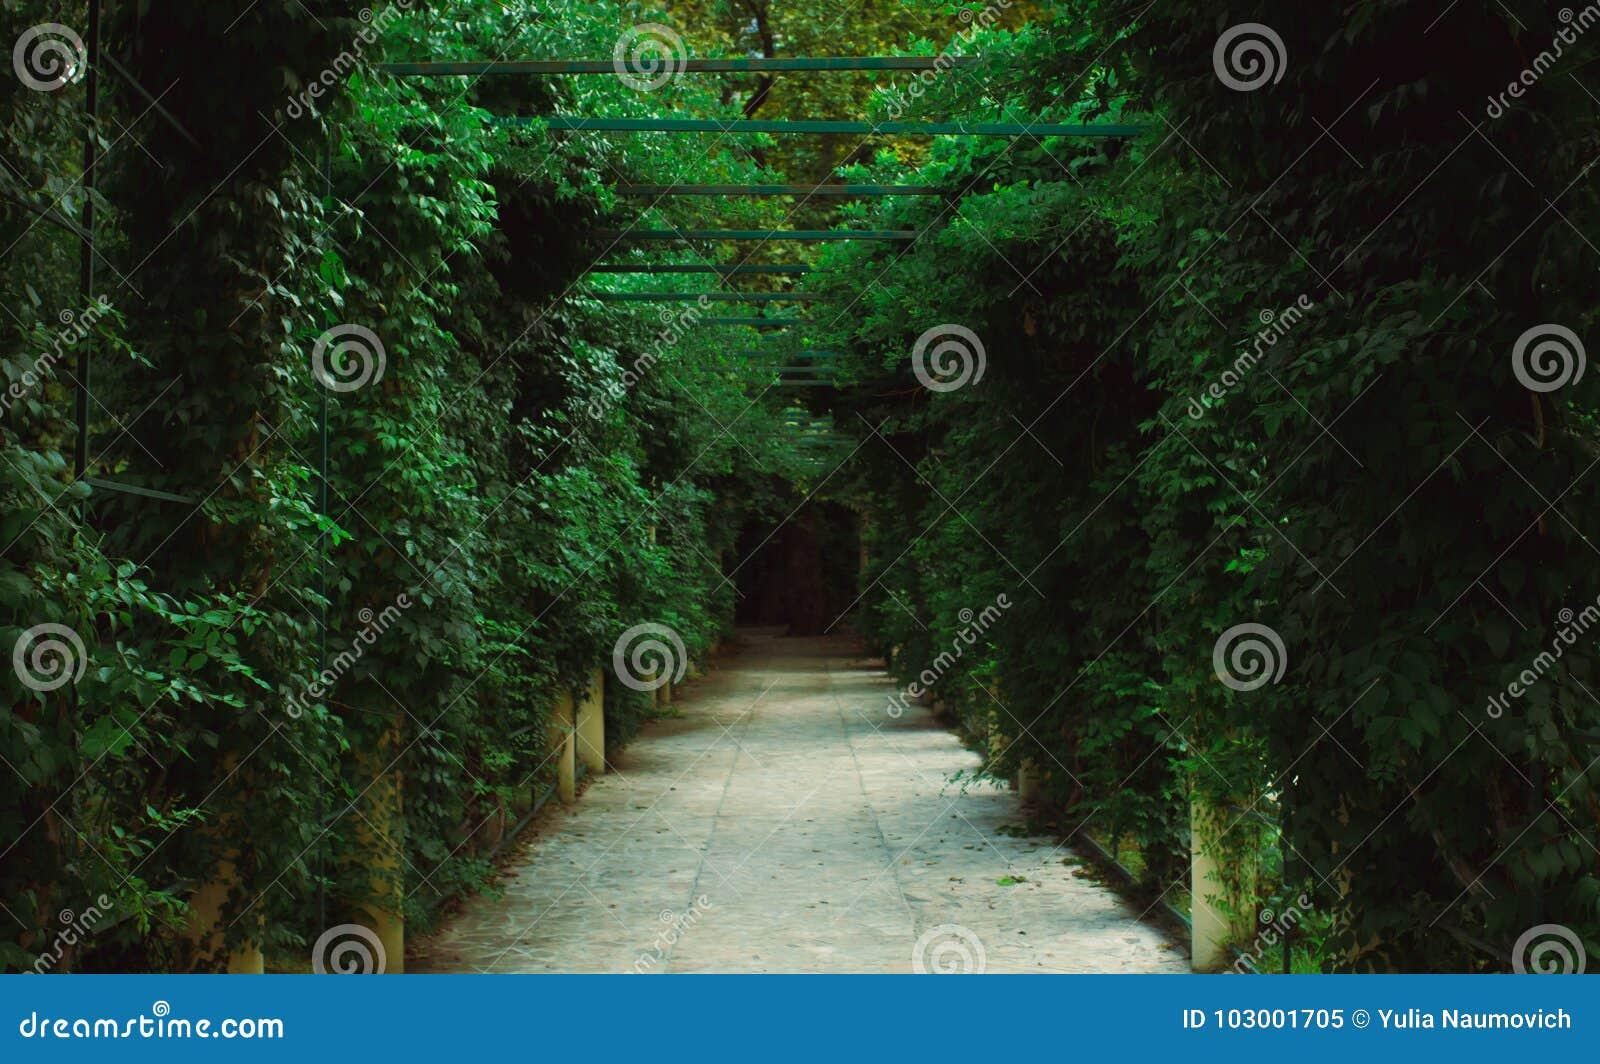 Garden pergola tunnel walkway in park